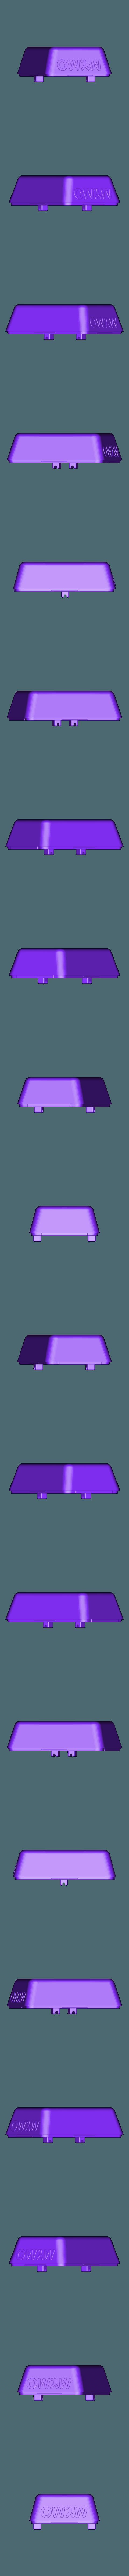 mymoe.stl Télécharger fichier STL gratuit MON MO - faire un vœu et économiser de l'argent pour le réaliser. • Design pour impression 3D, CKLab